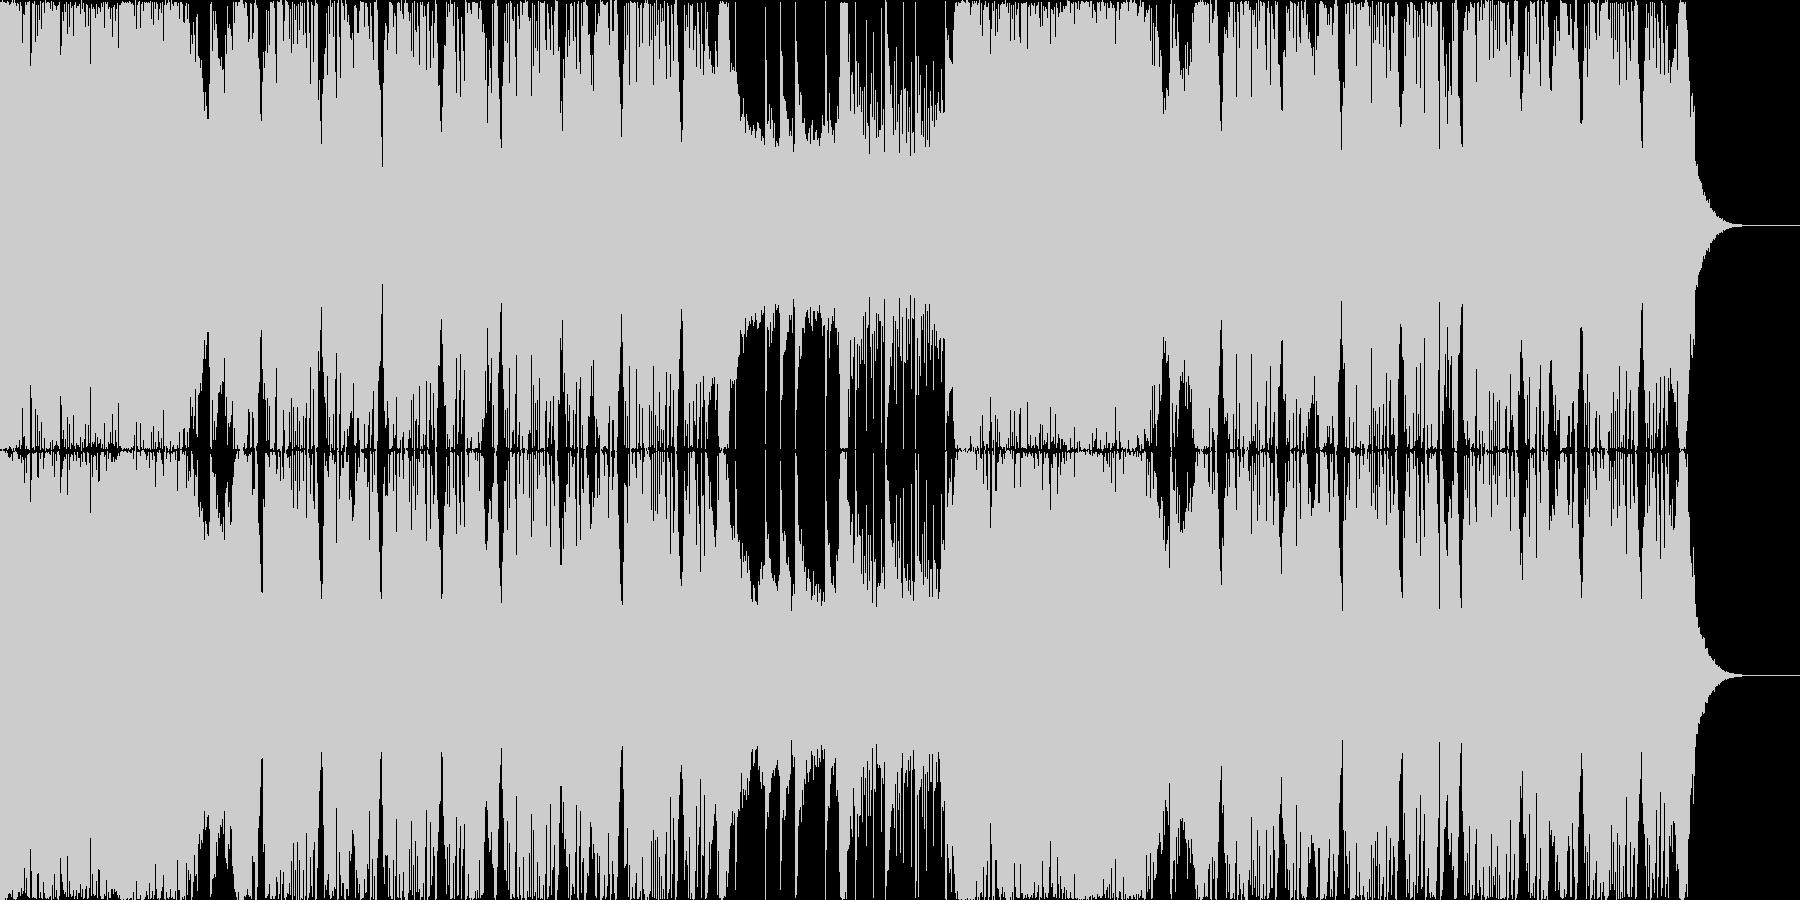 広がりのあるシンセのポジティブなEDMの未再生の波形